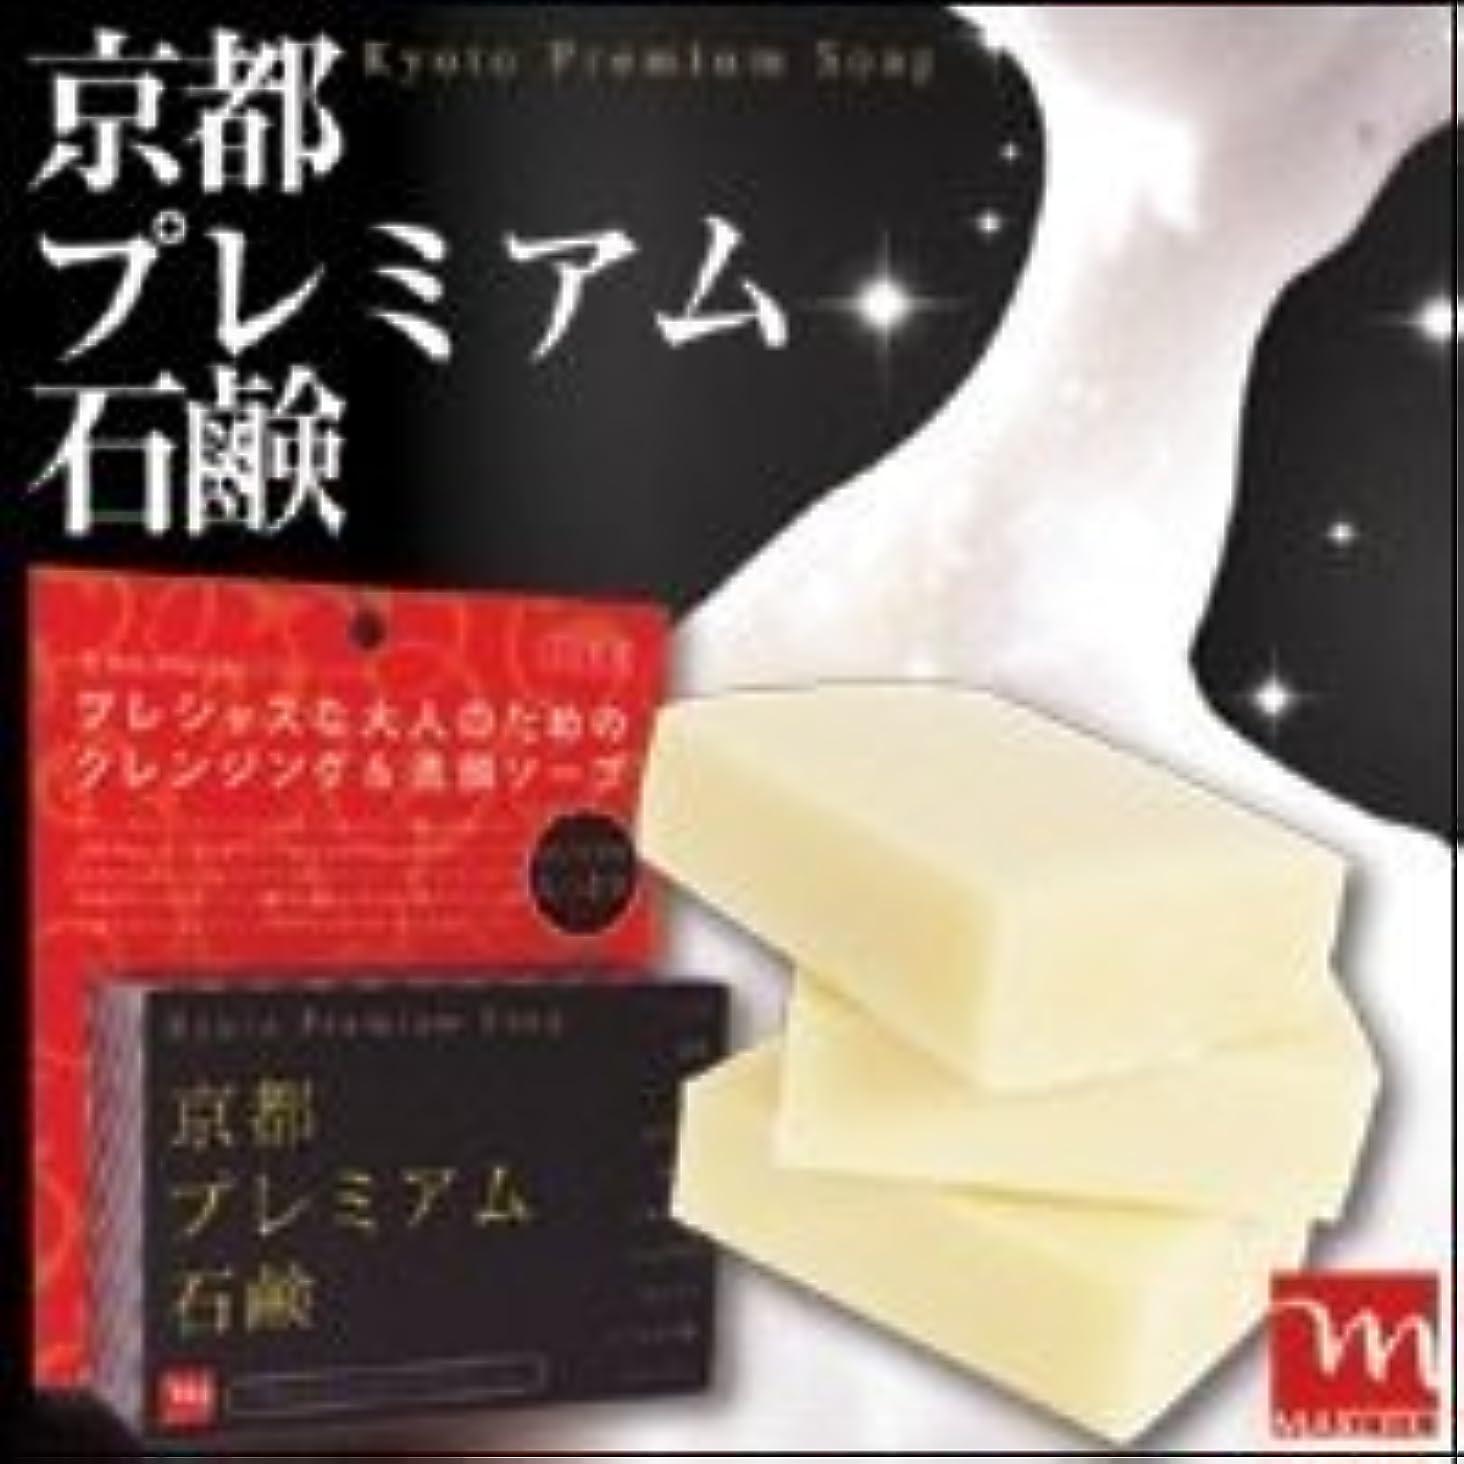 フランクワースリー居住者福祉京都プレミアム 京都プレミアム石鹸 120g 3個セット